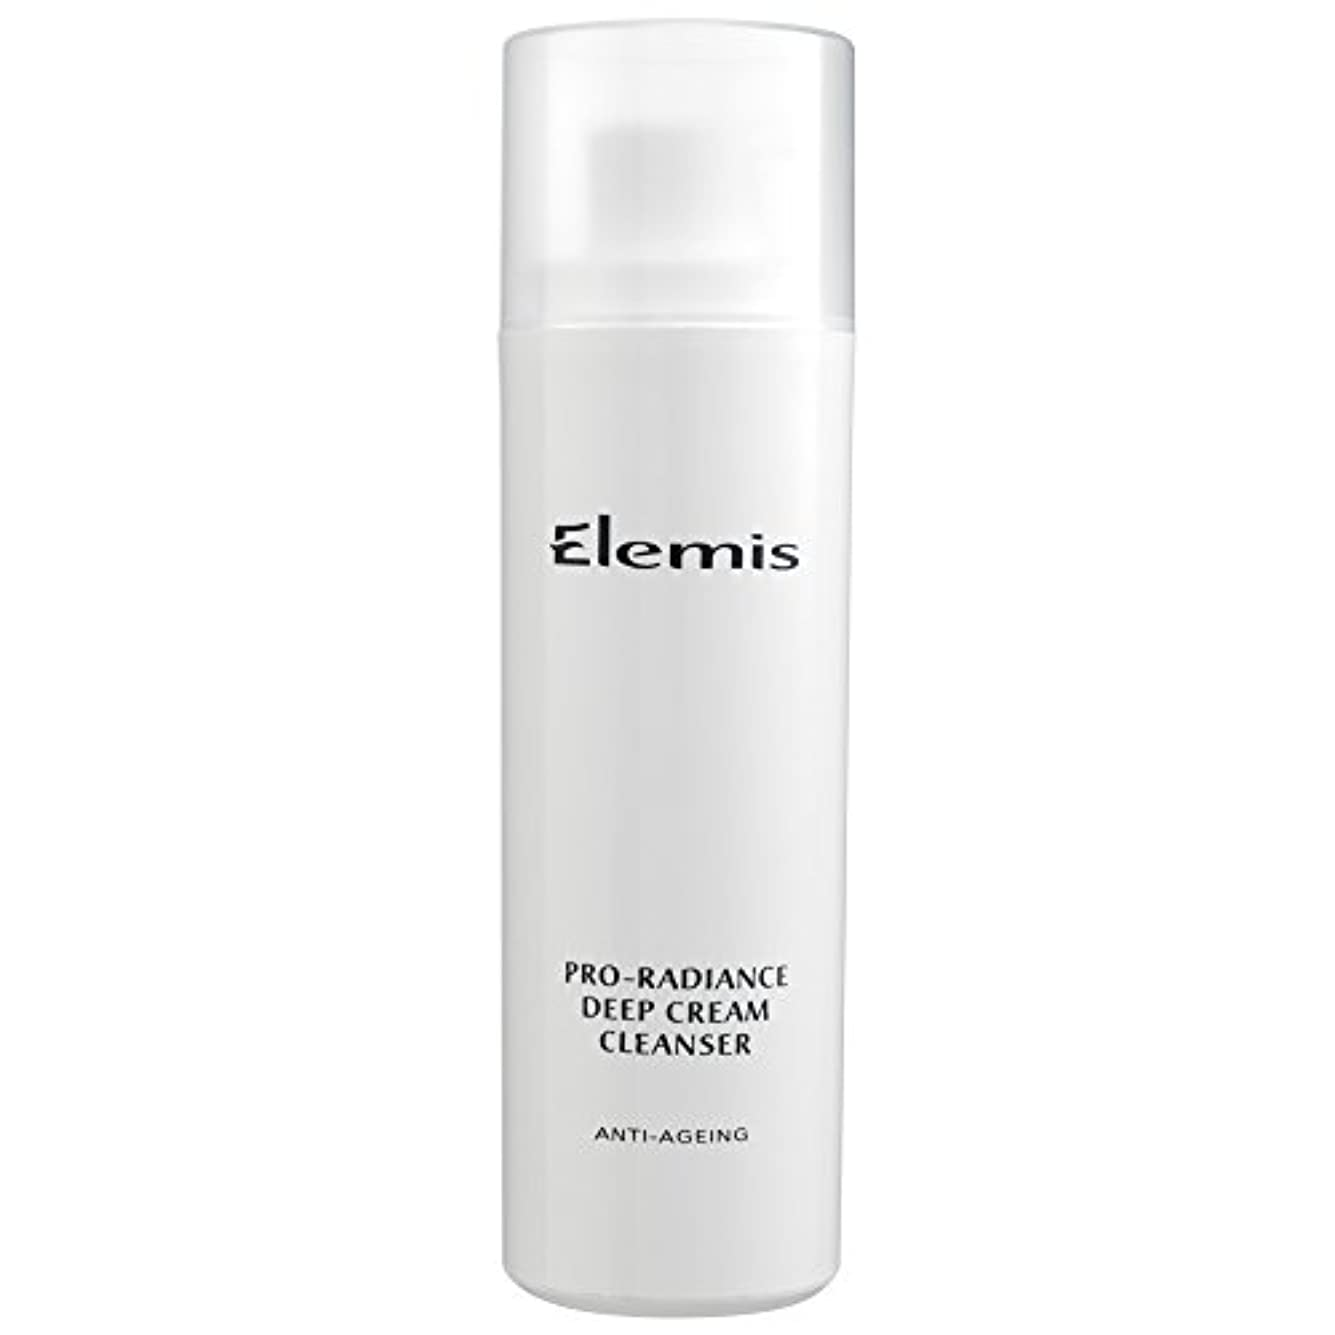 好意的別々に医師エレミスプロ輝きクリームクレンザー、150ミリリットル (Elemis) (x2) - Elemis Pro-Radiance Cream Cleanser, 150ml (Pack of 2) [並行輸入品]